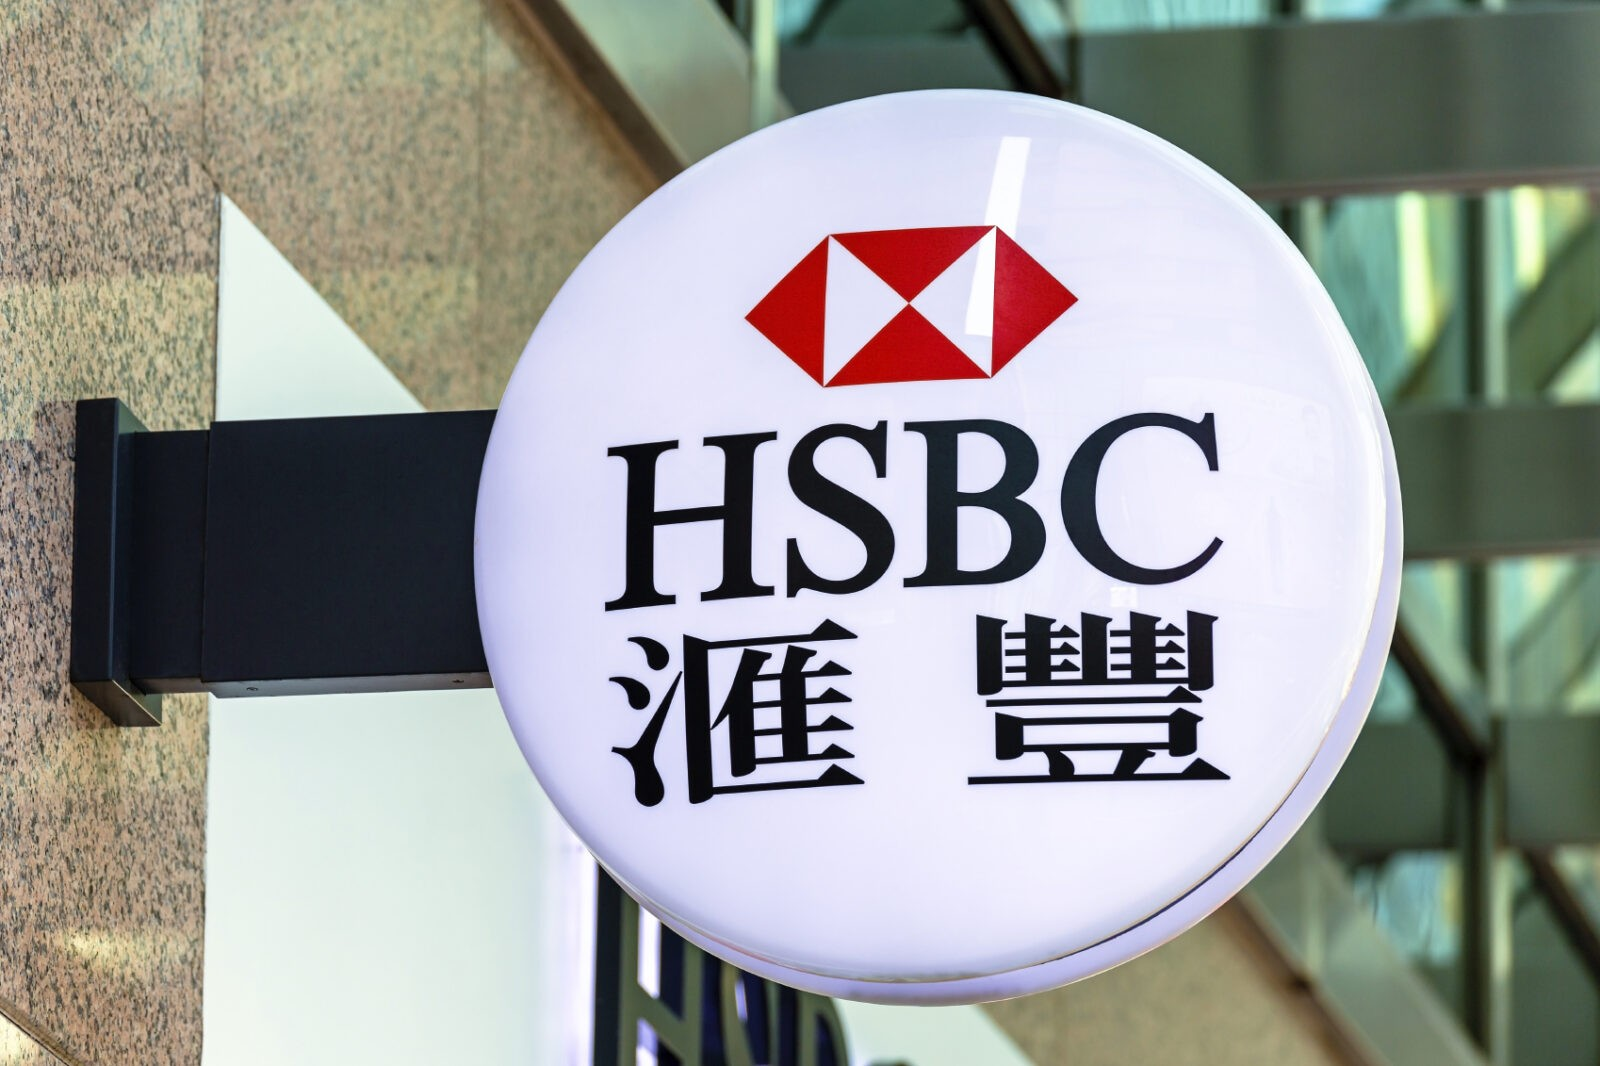 HSBC Bank signs